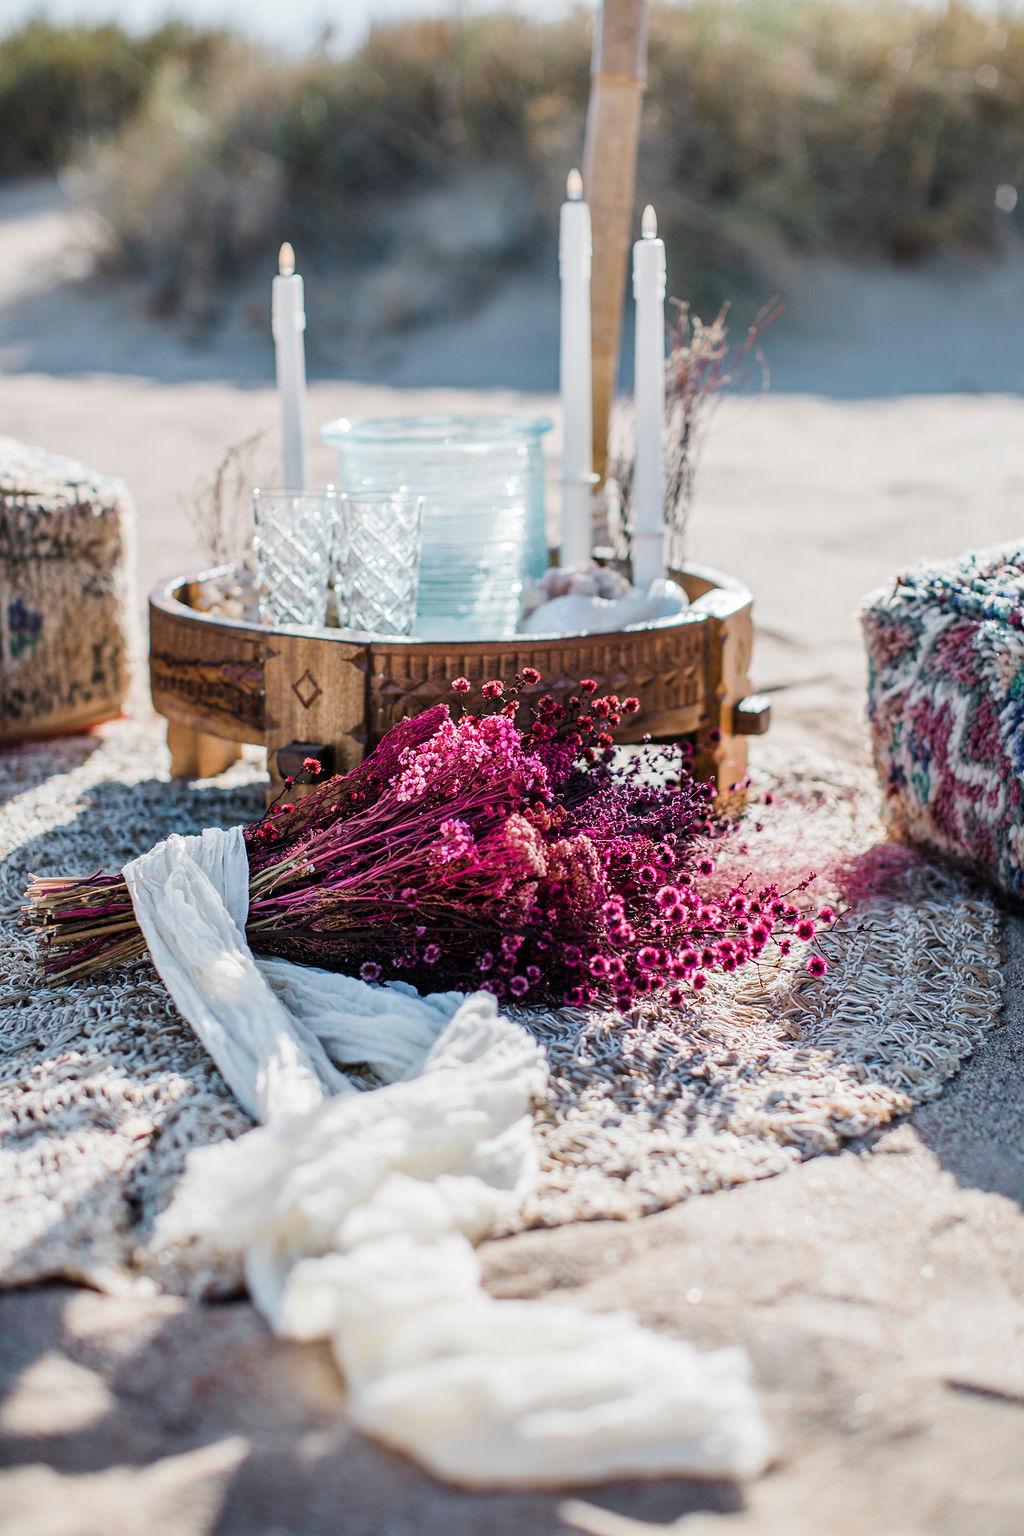 saltandsandeventhire-wedding-stylist-ningaloo-exmouth-waJ&P-Elope-to-ningaloo-exmouth-weddings-12.jpg